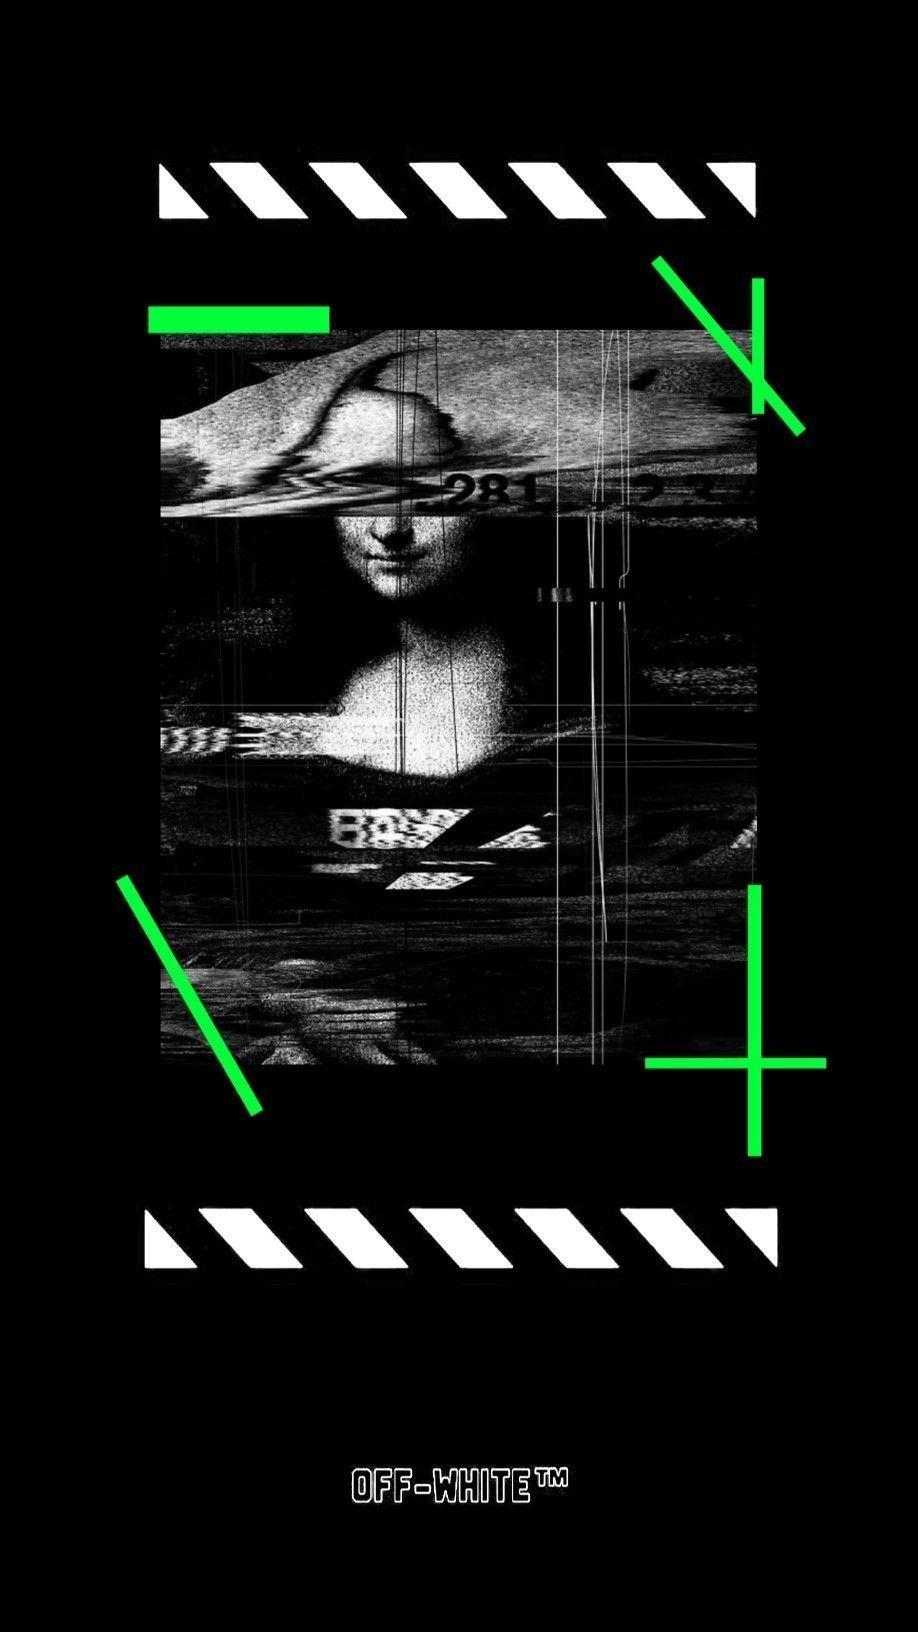 1080p Hypebeast Wallpaper Hd Hd Blast